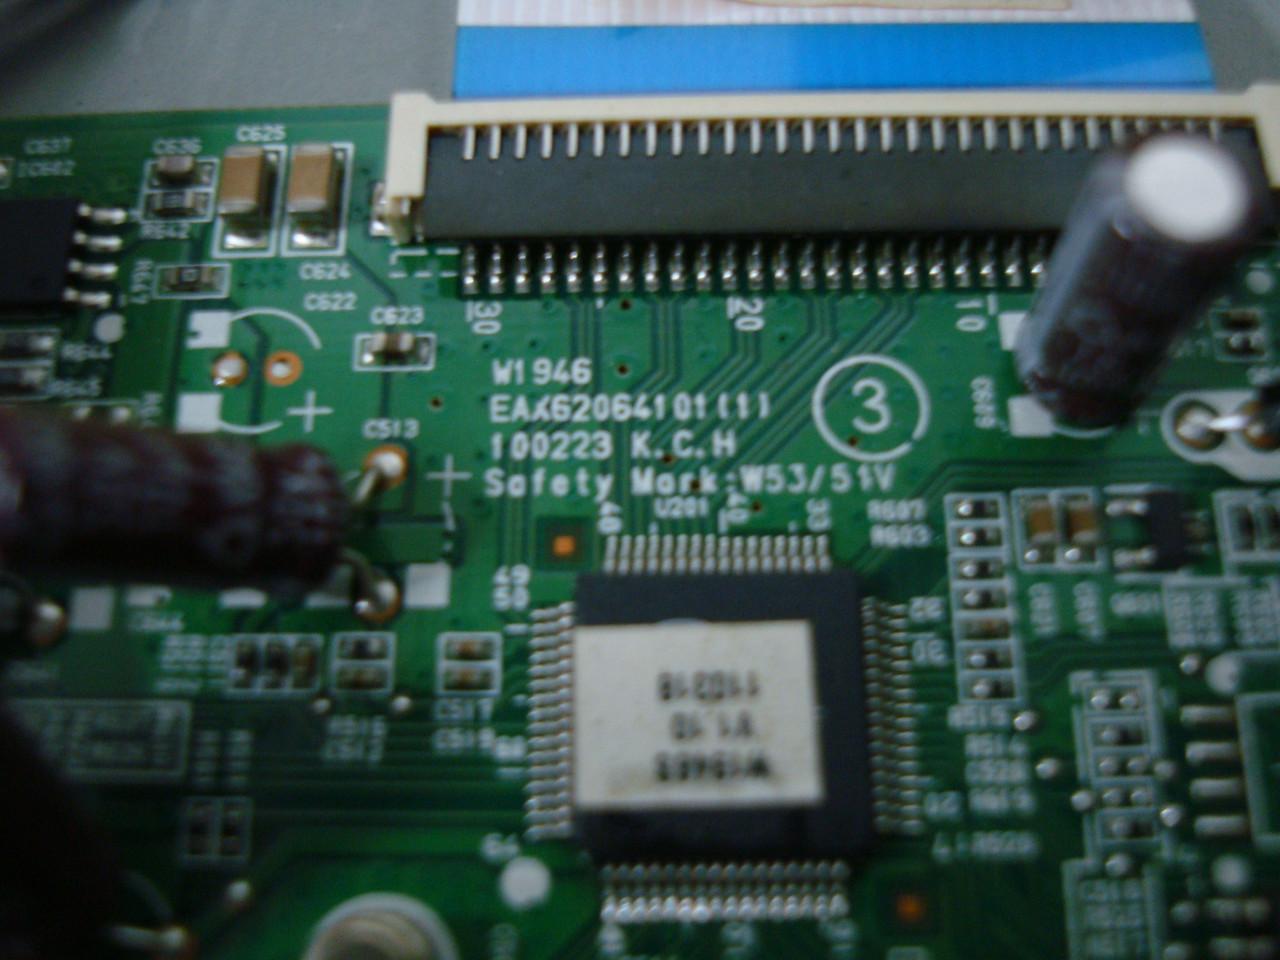 Запчасти от монитора LG Flatron W1946S-BF (Main Board Eax62064101)